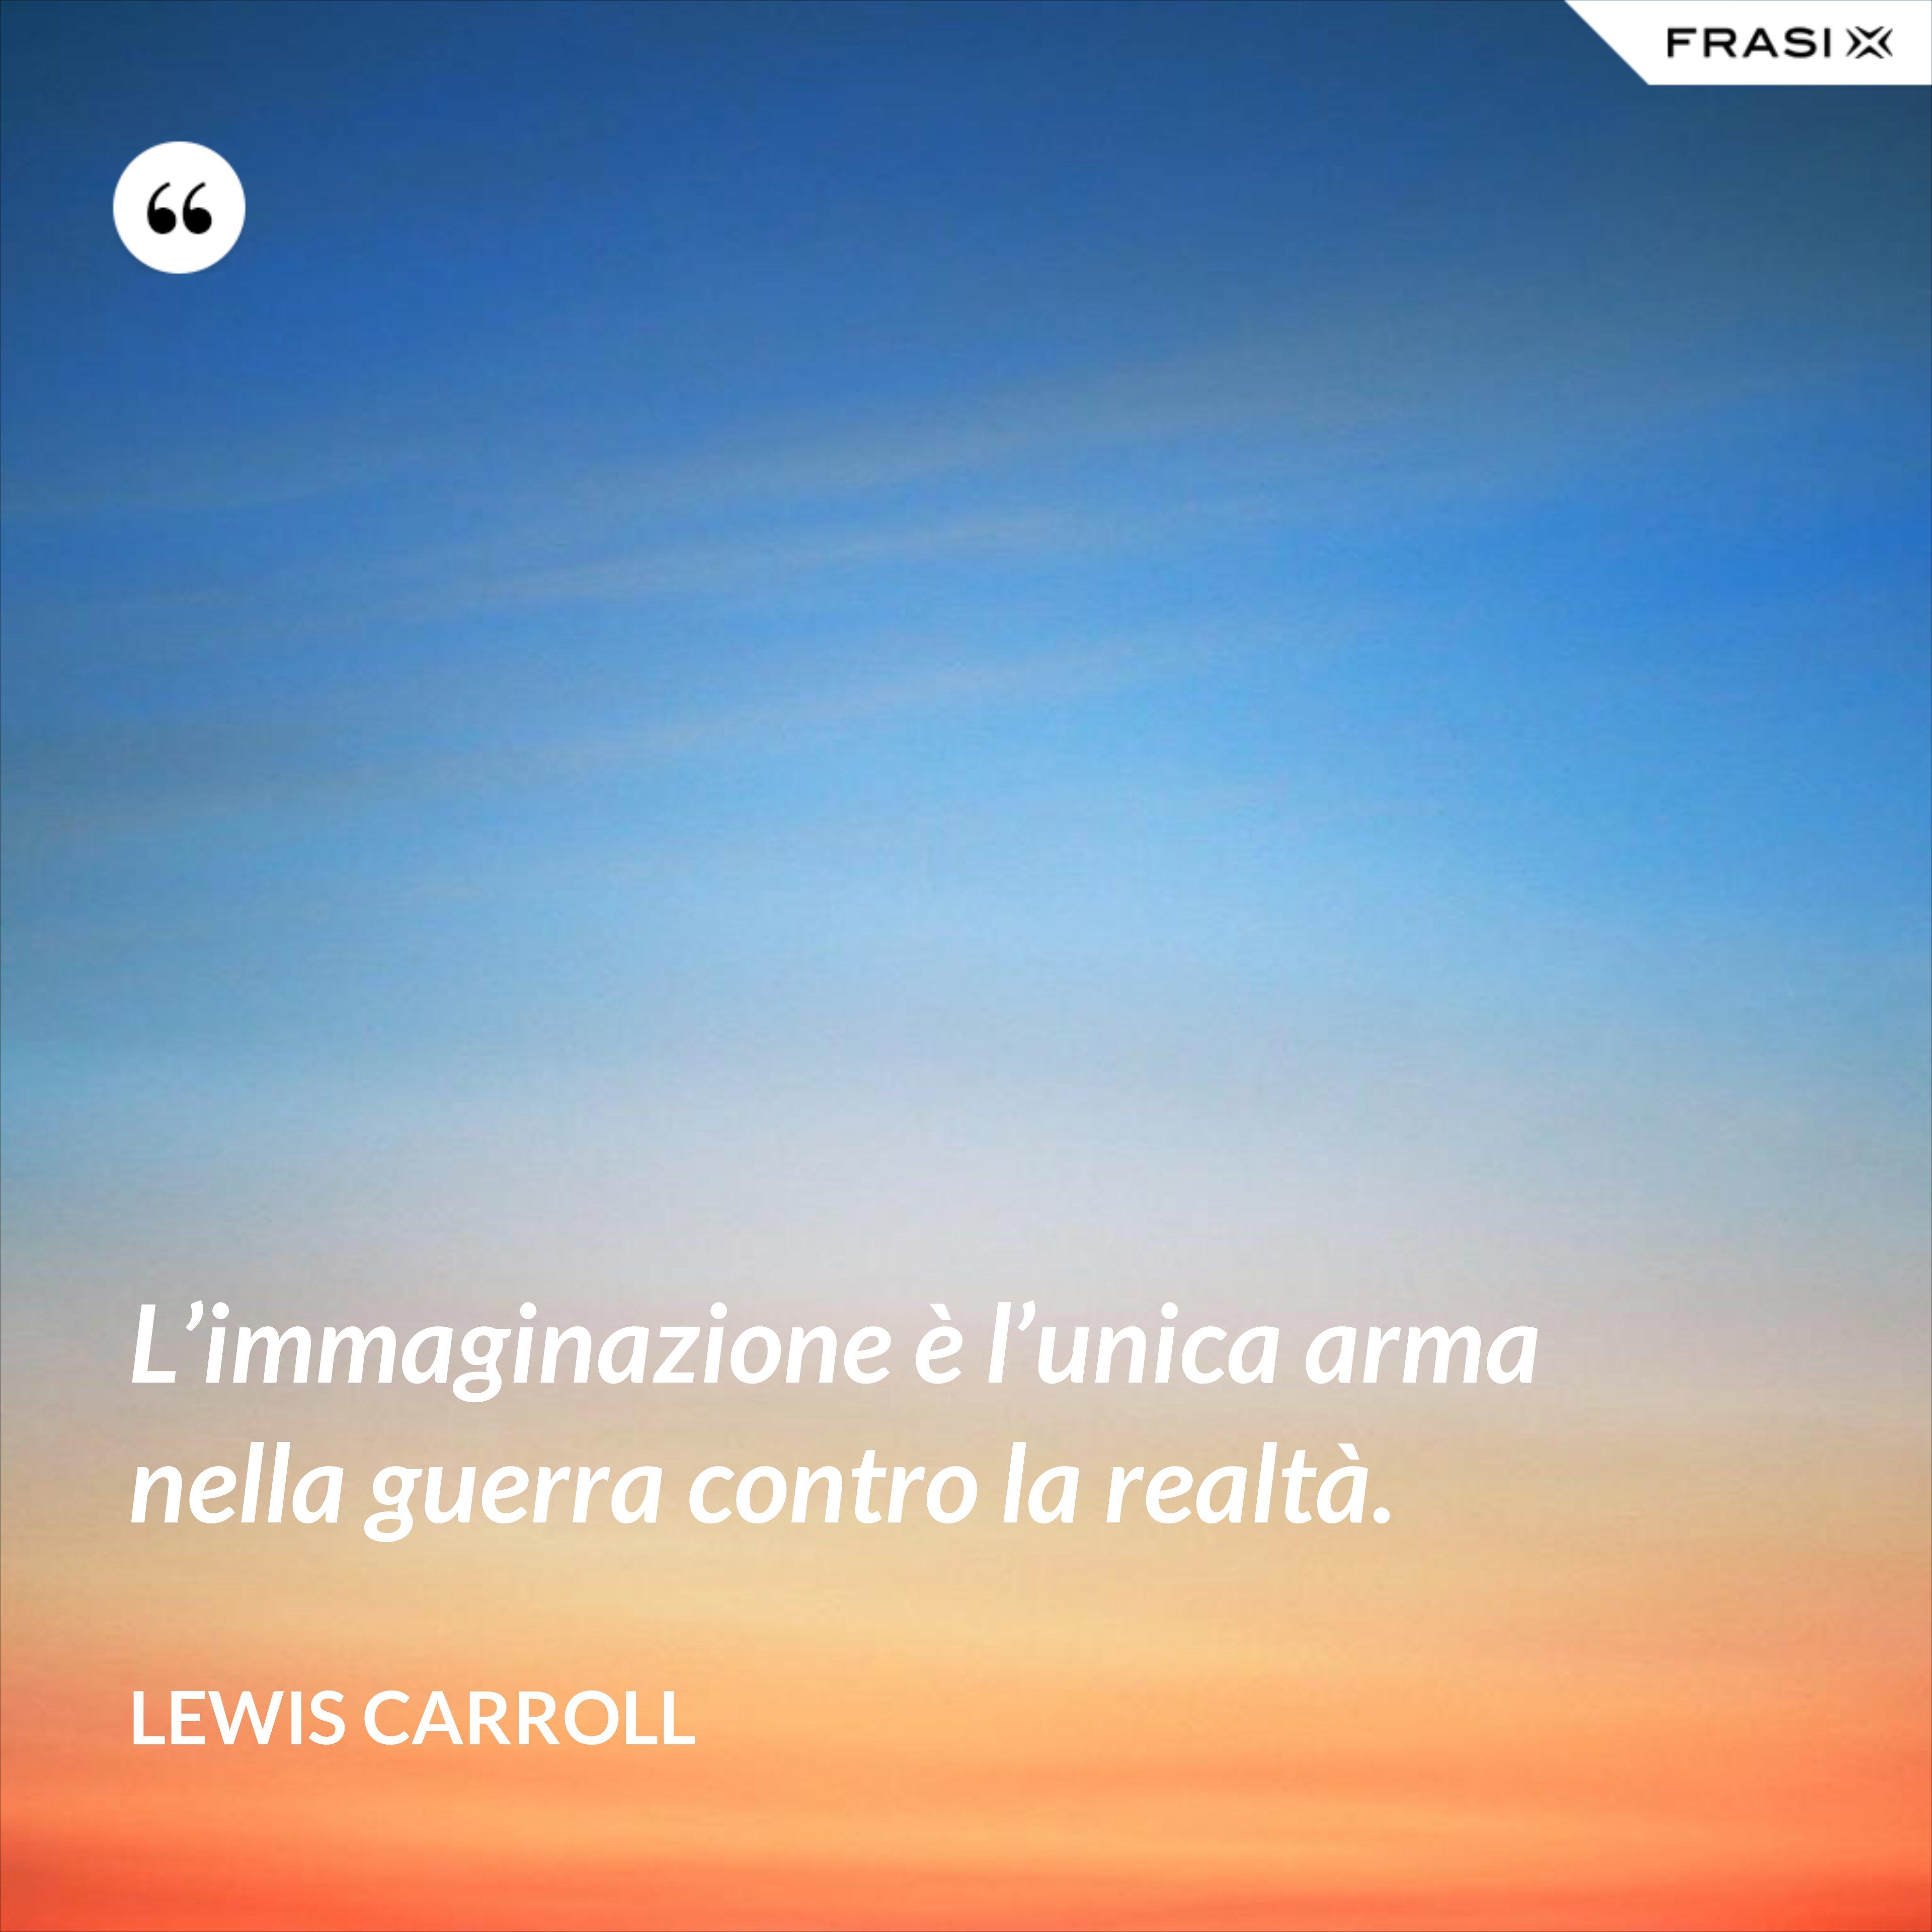 L'immaginazione è l'unica arma nella guerra contro la realtà. - Lewis Carroll